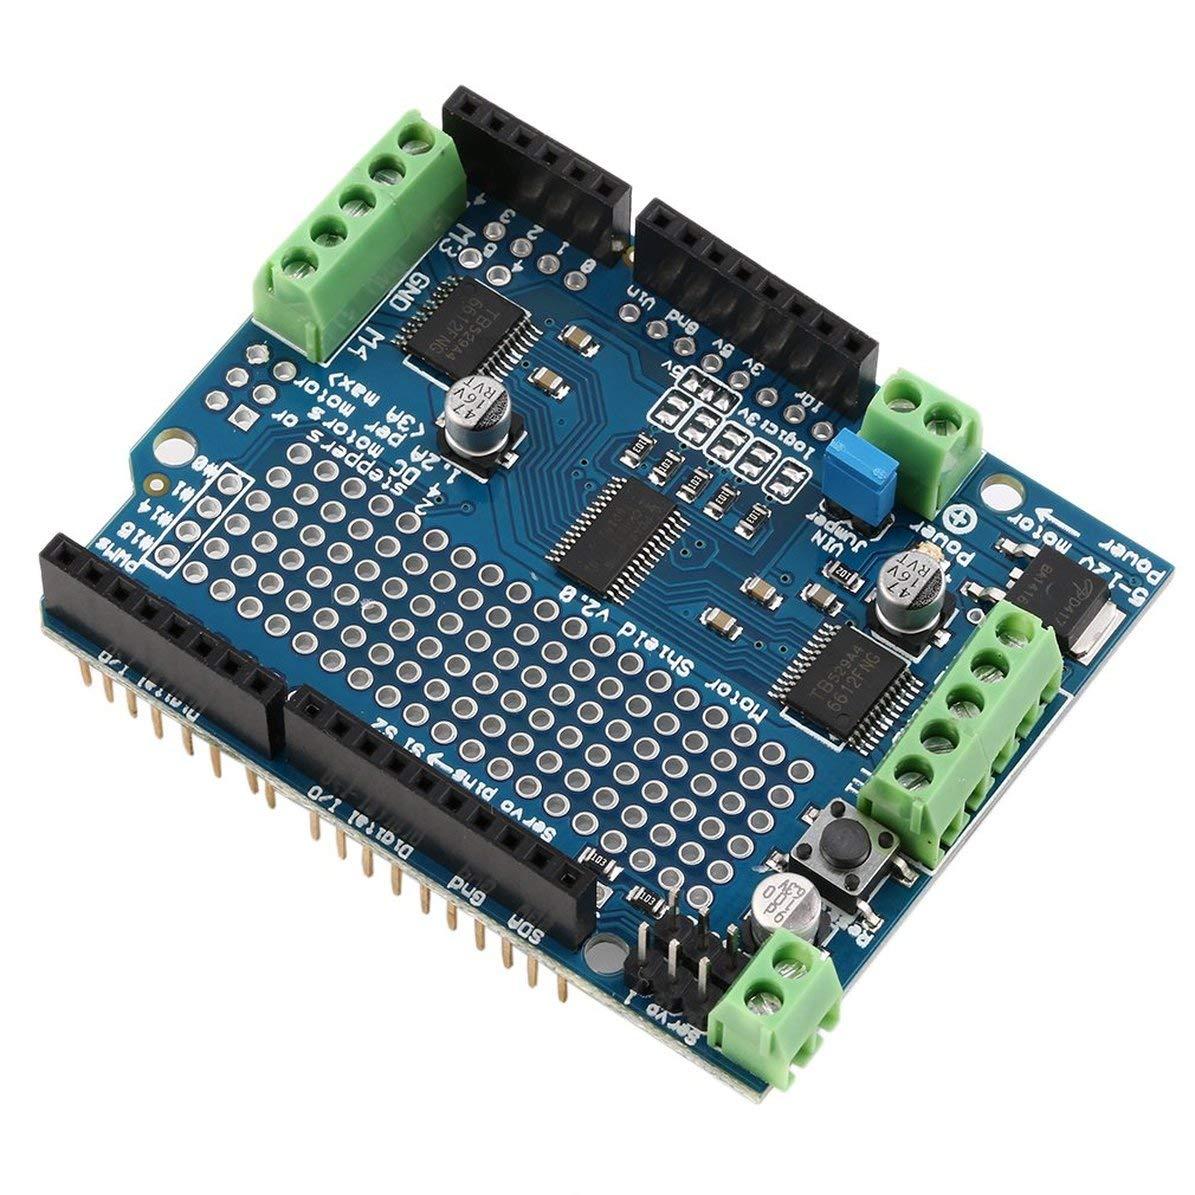 WEIWEITOE Bouclier bleu durable durable de moteur//moteur pas /à pas//servo//robot pour Arduino v2 avec le bouclier de conducteur de PWM 68 x 52 x 20mm,